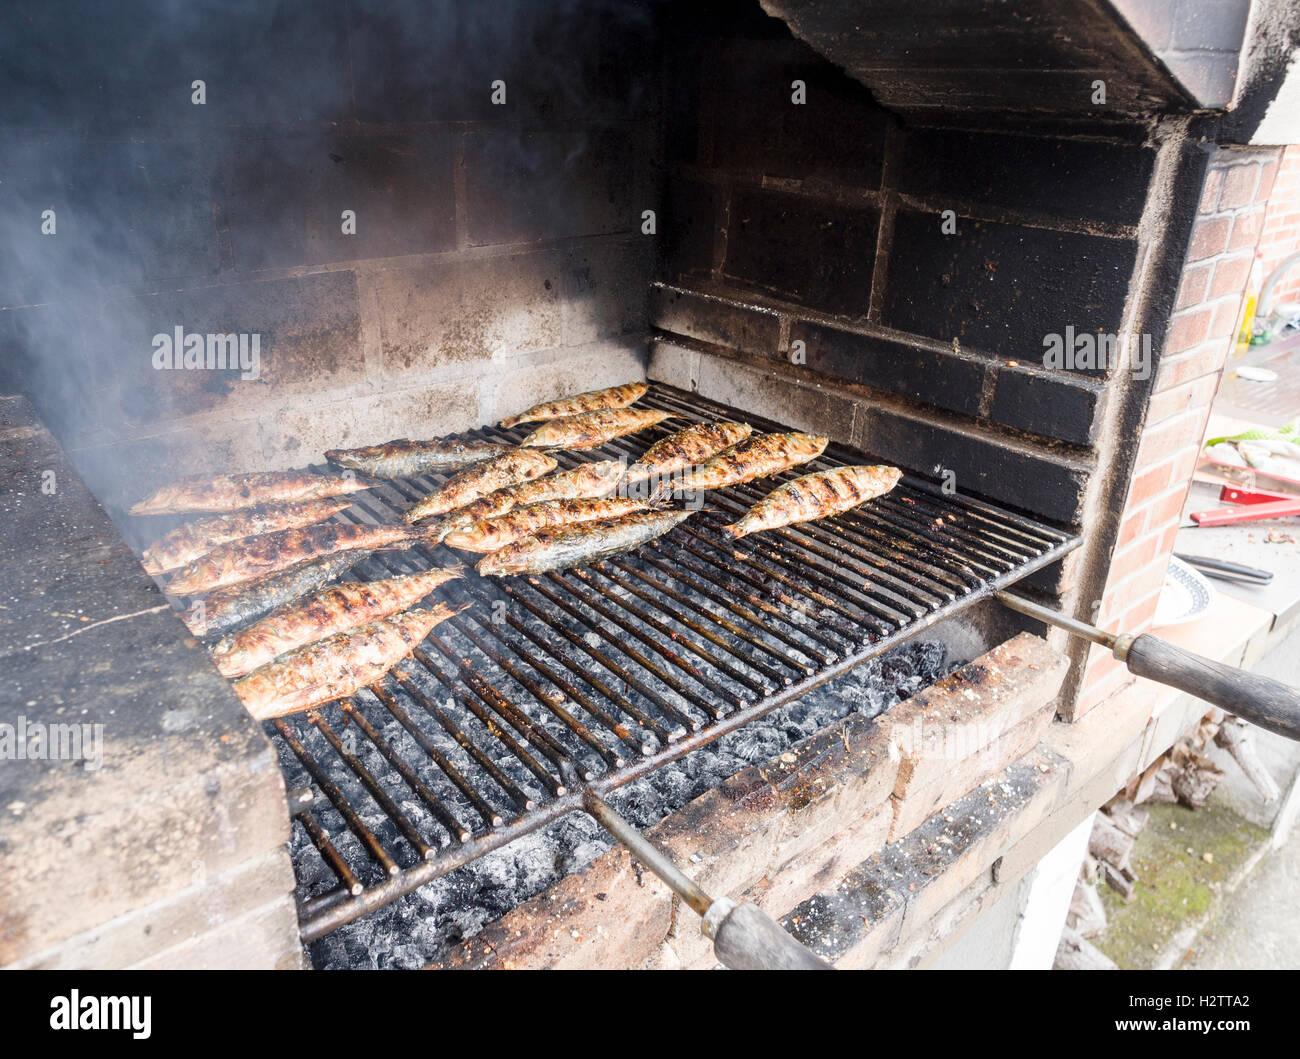 Sardinen auf einem Wirtschaftsinstrument Grill rösten. Ein Grill Grillen voller Sardinen oder Makrelen kocht Stockbild